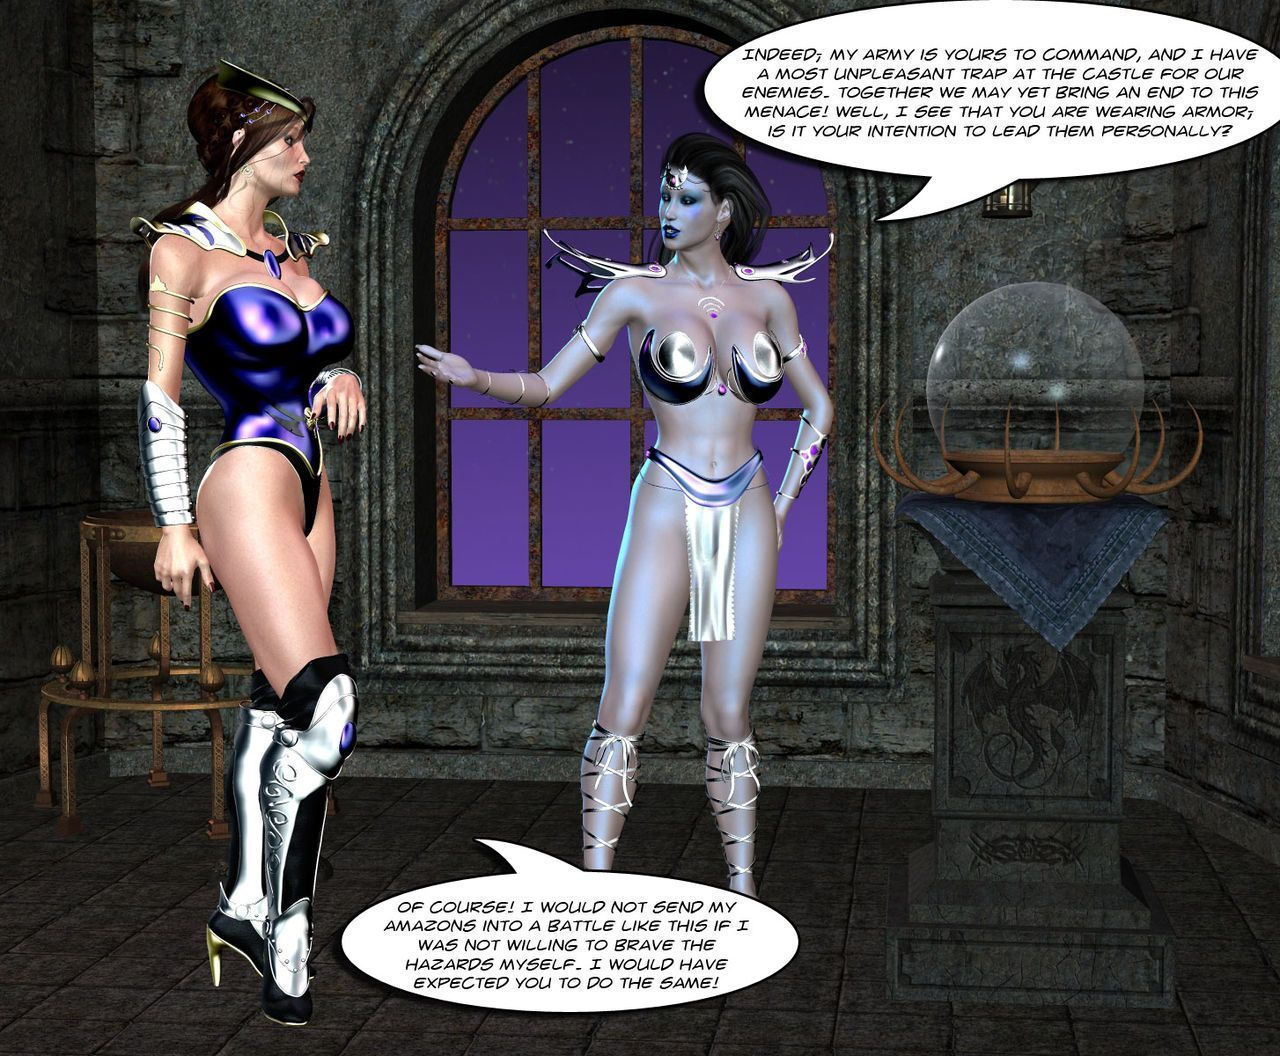 [Uroboros] Inner Universe 41 - 76 - part 7